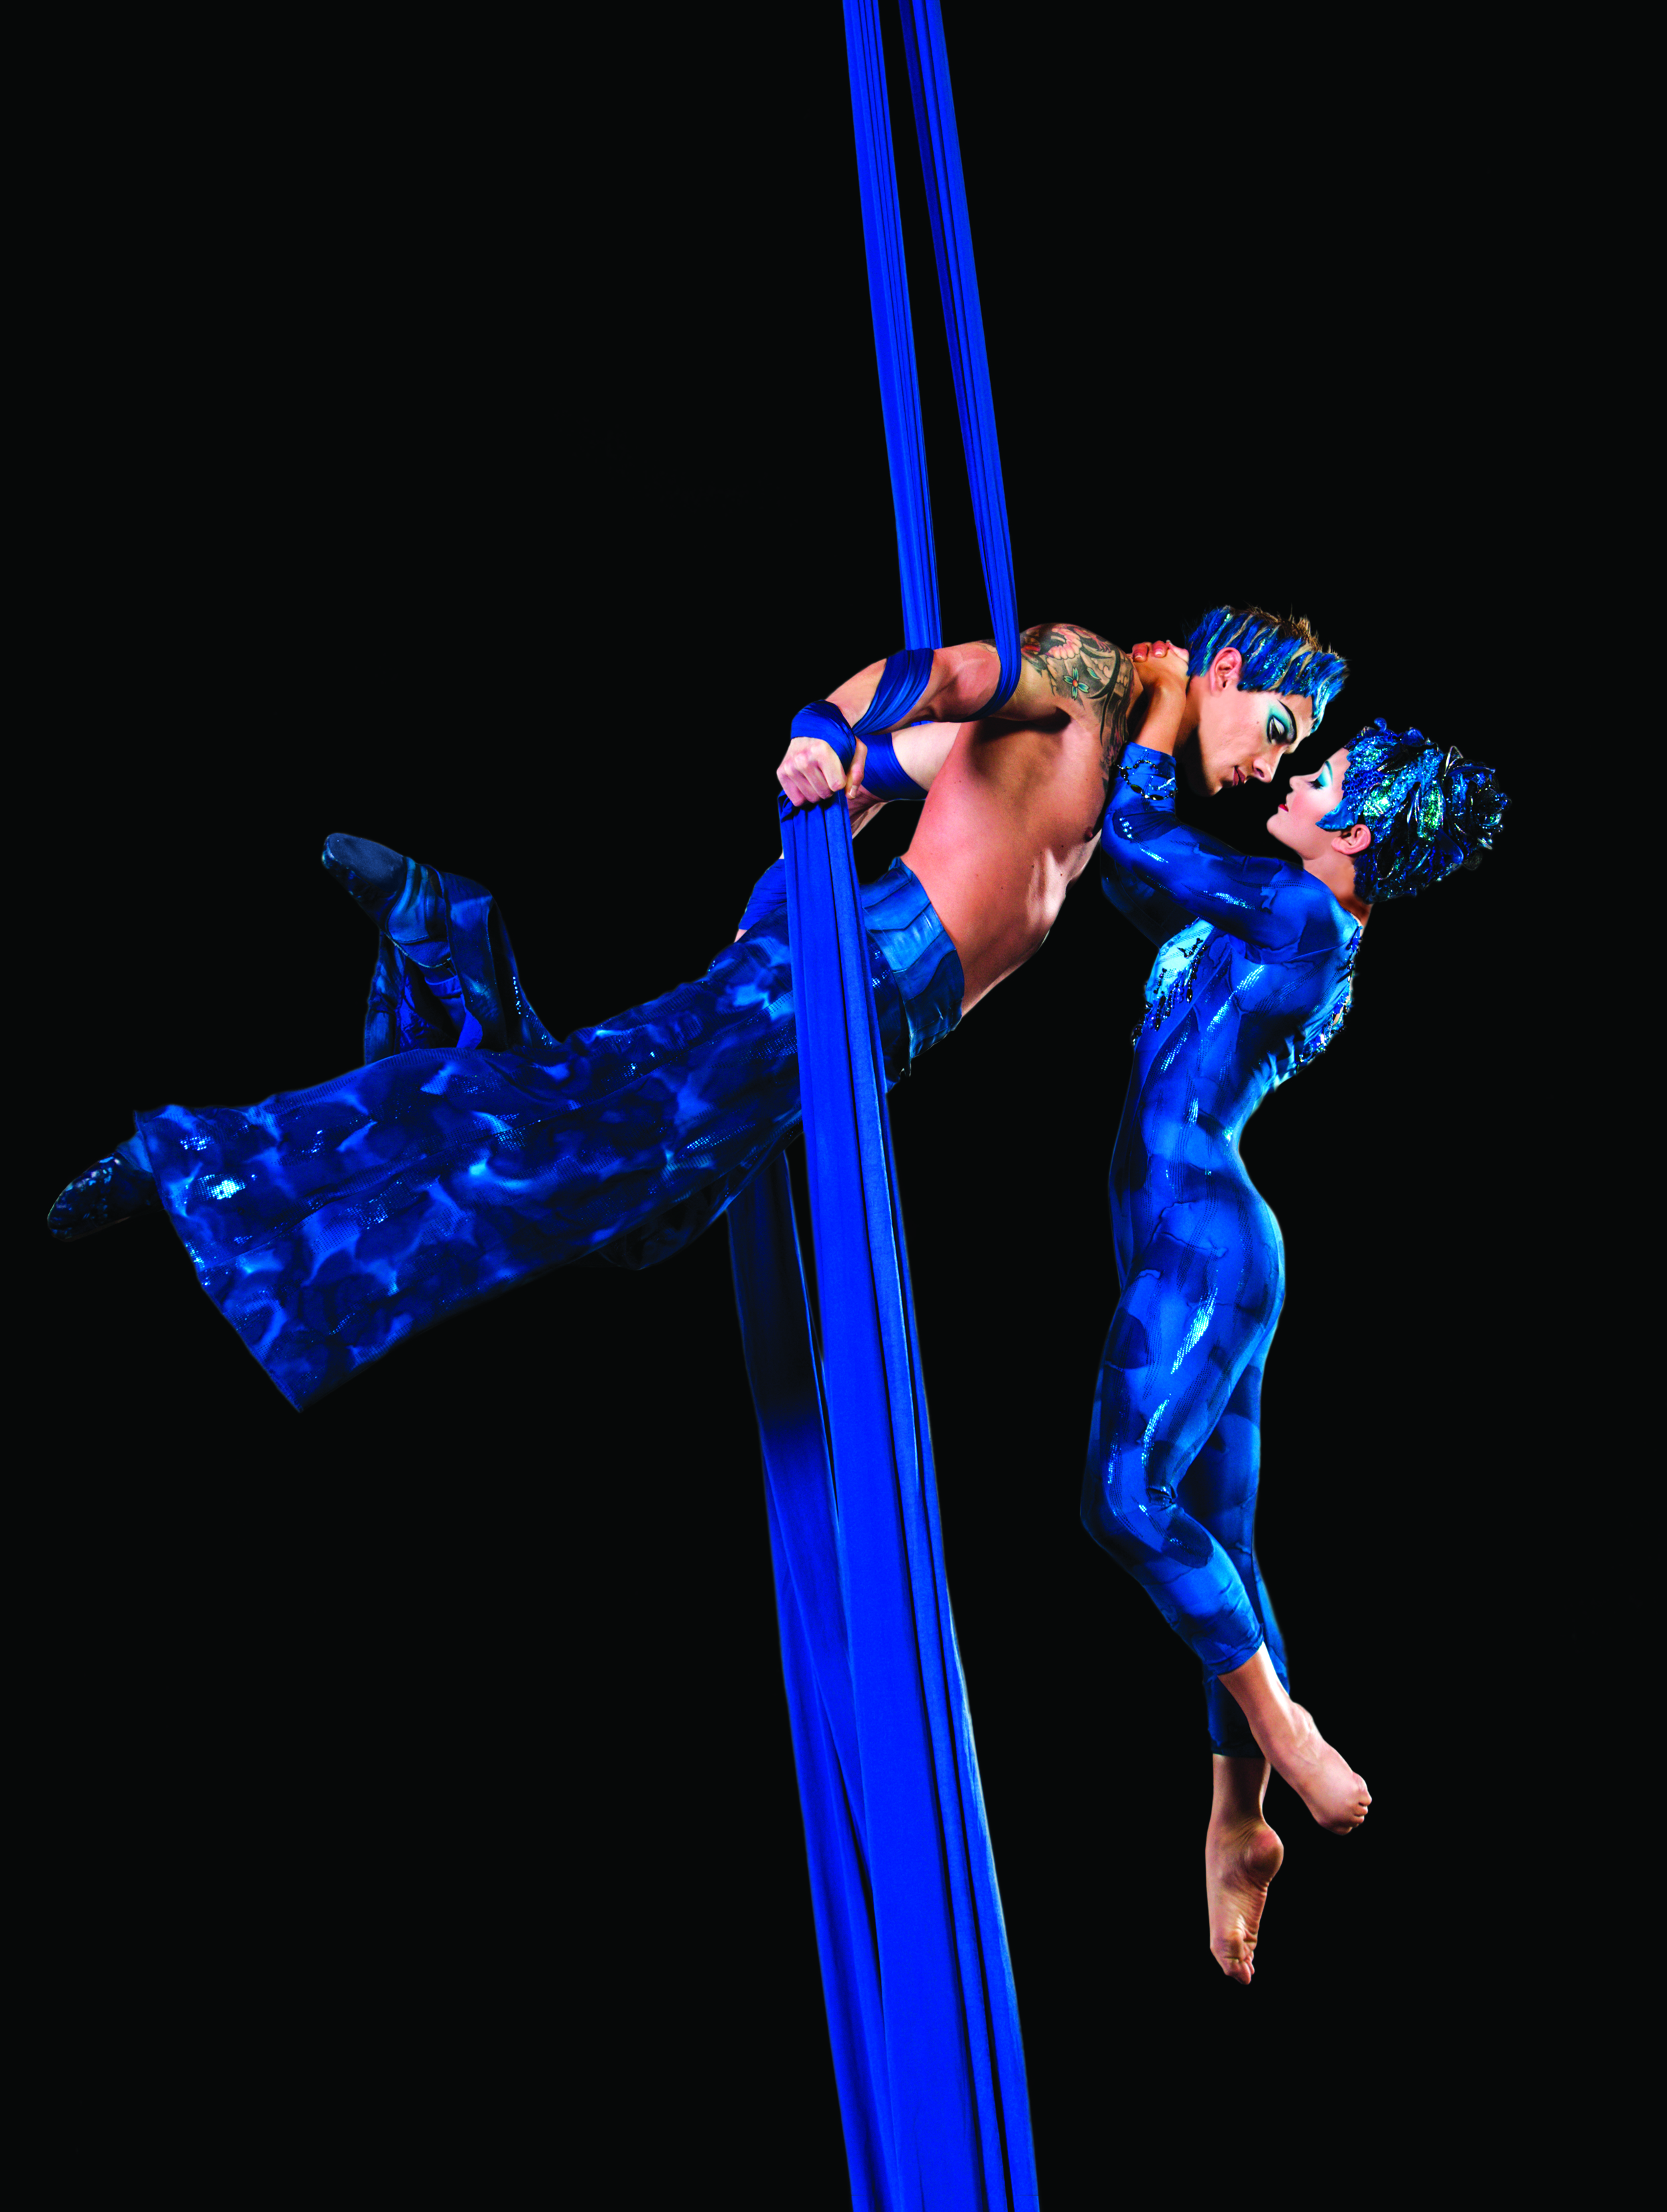 Aerial Silk Artist Aerial Silk Show